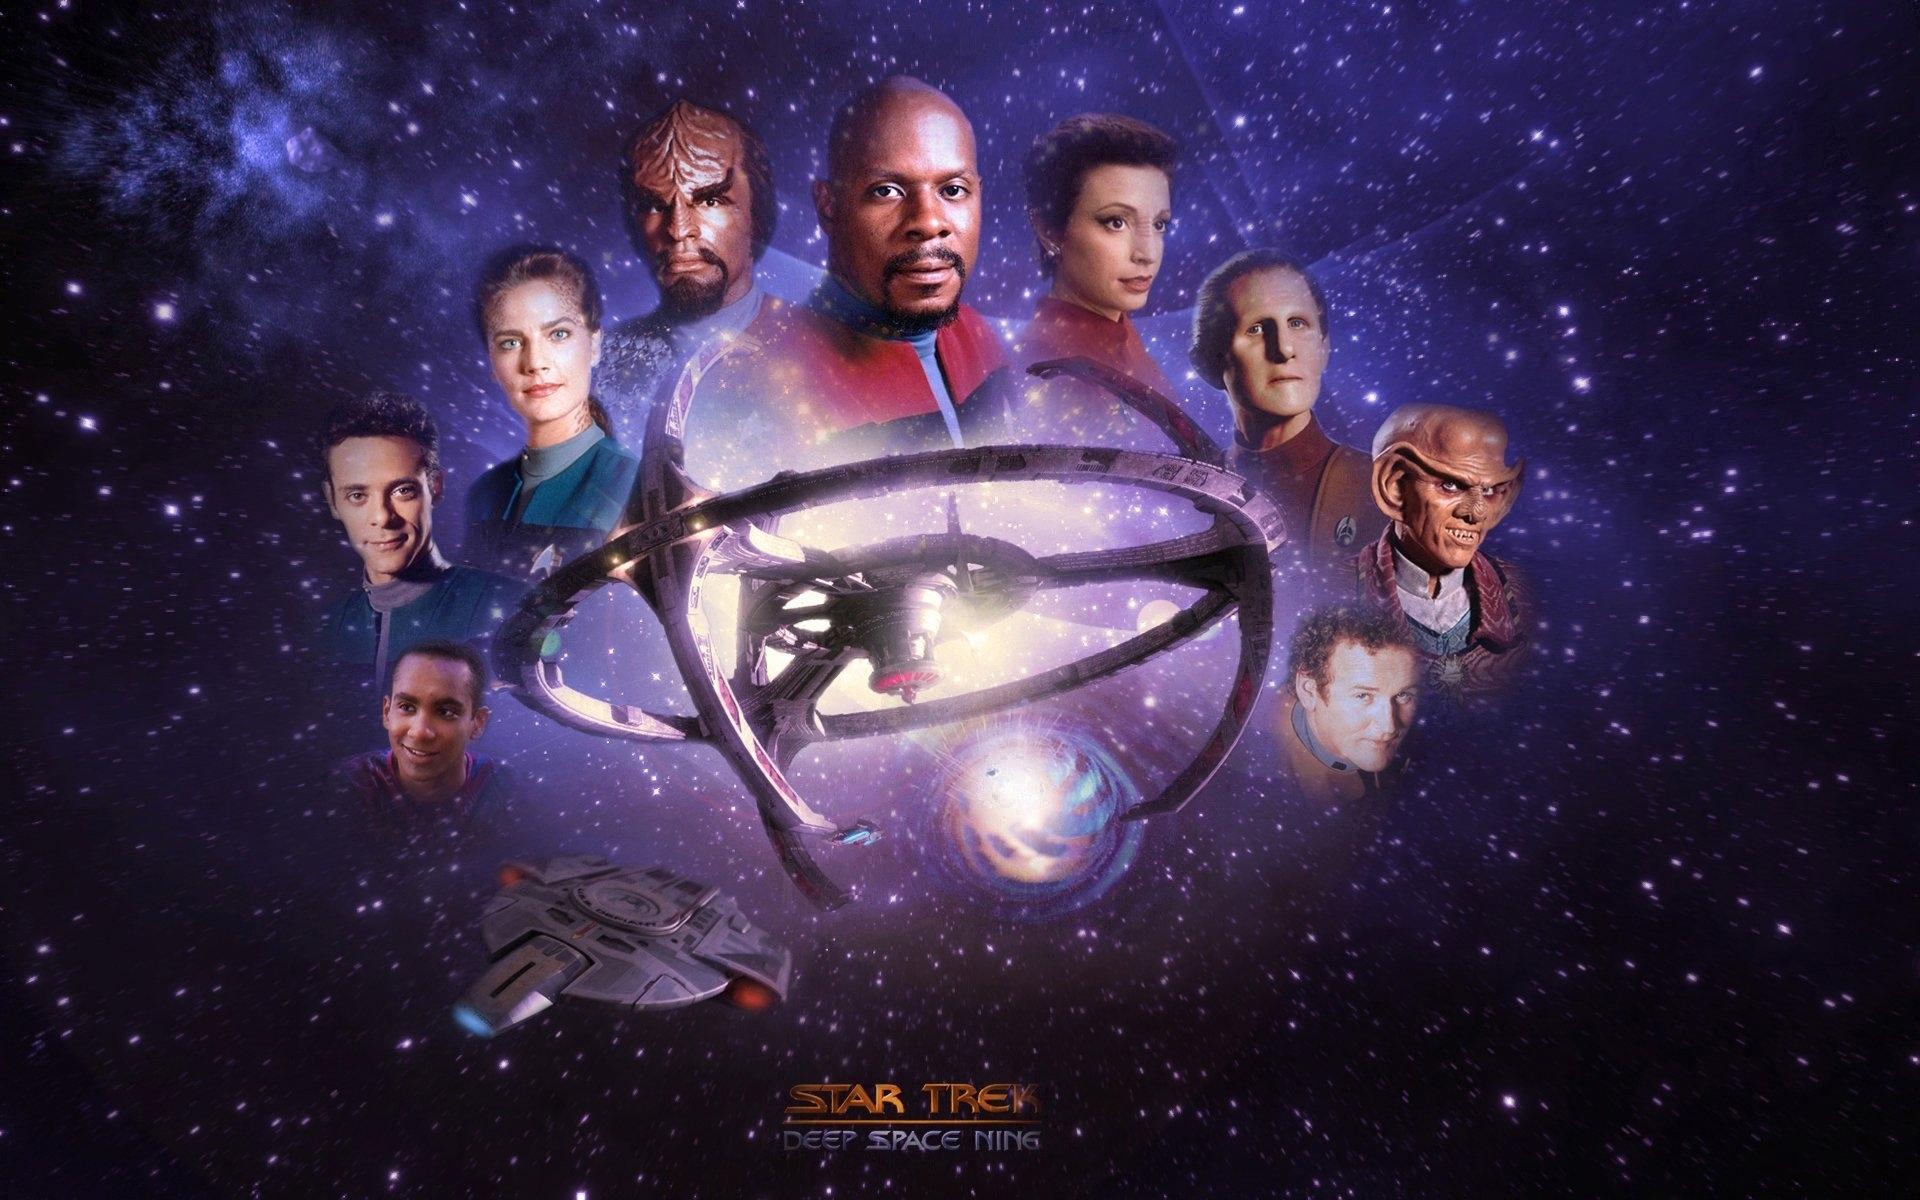 29 star trek: deep space nine hd wallpapers | background images